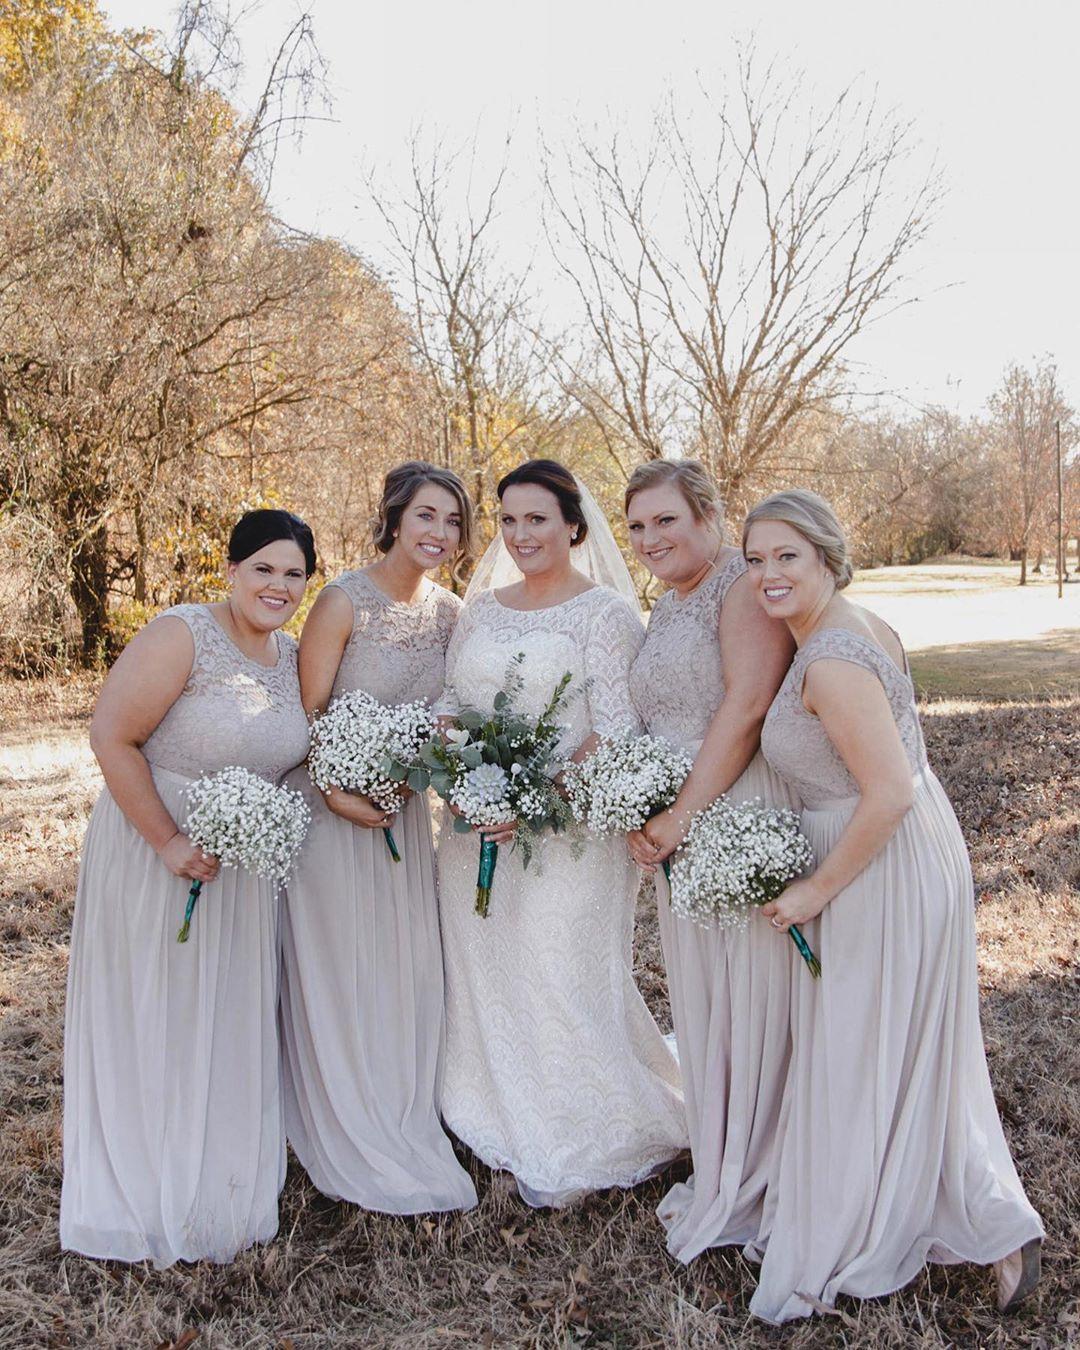 Bridesmaids in tan bridesmaid dresses